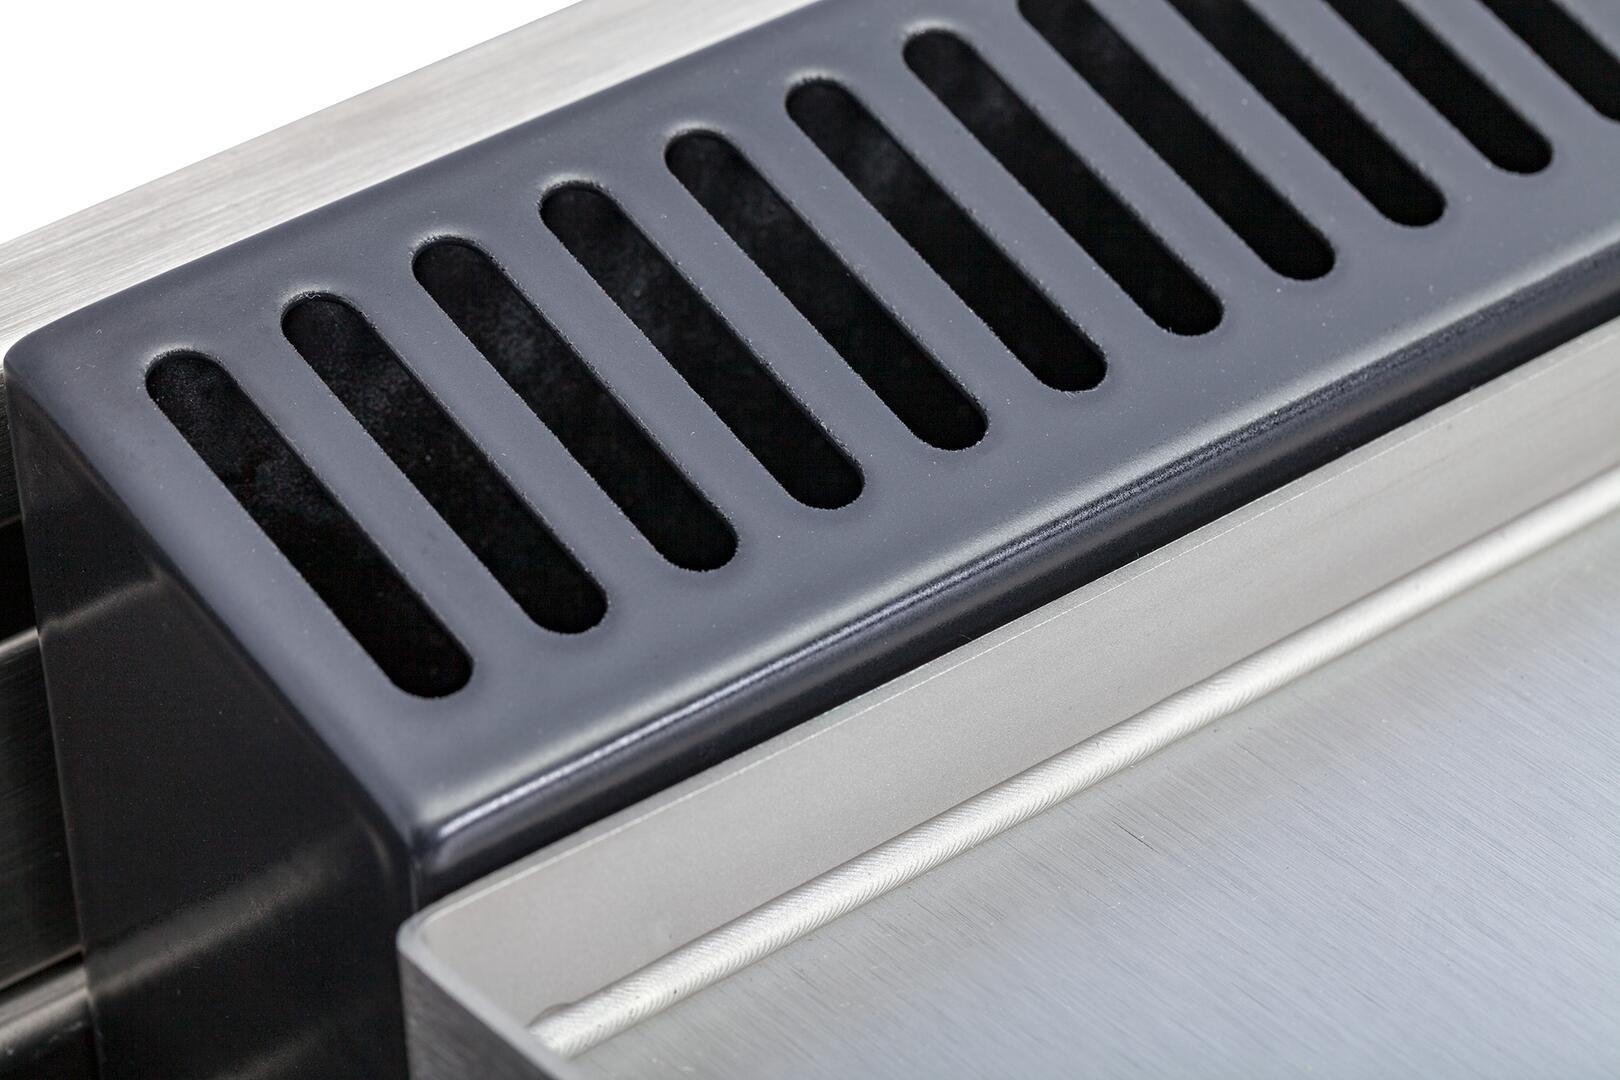 Ilve Professional Plus UPDW100FDMPMLP Freestanding Dual Fuel Range Gray, Details View